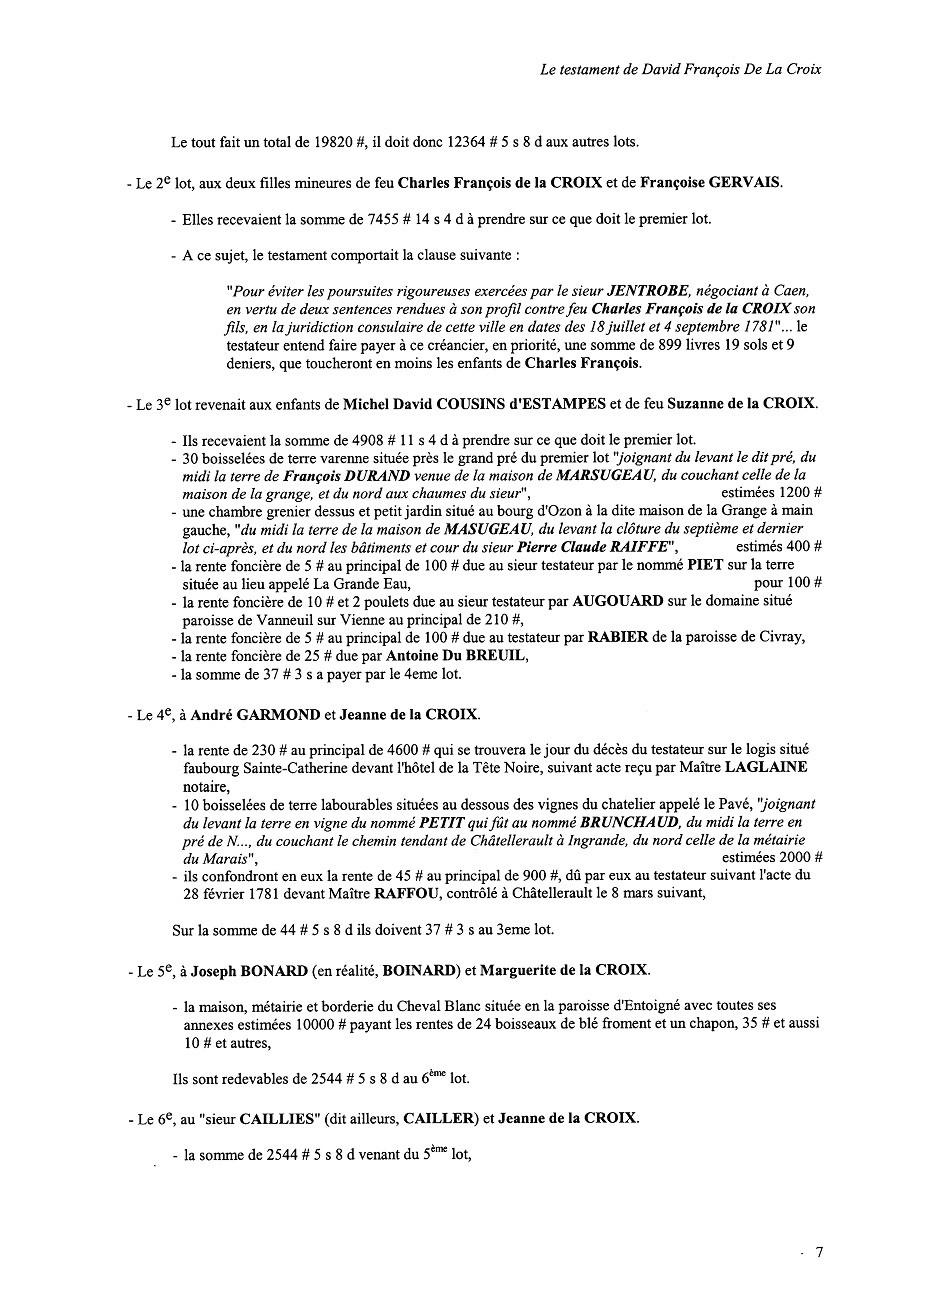 1785 - Testament de David François de la Croix